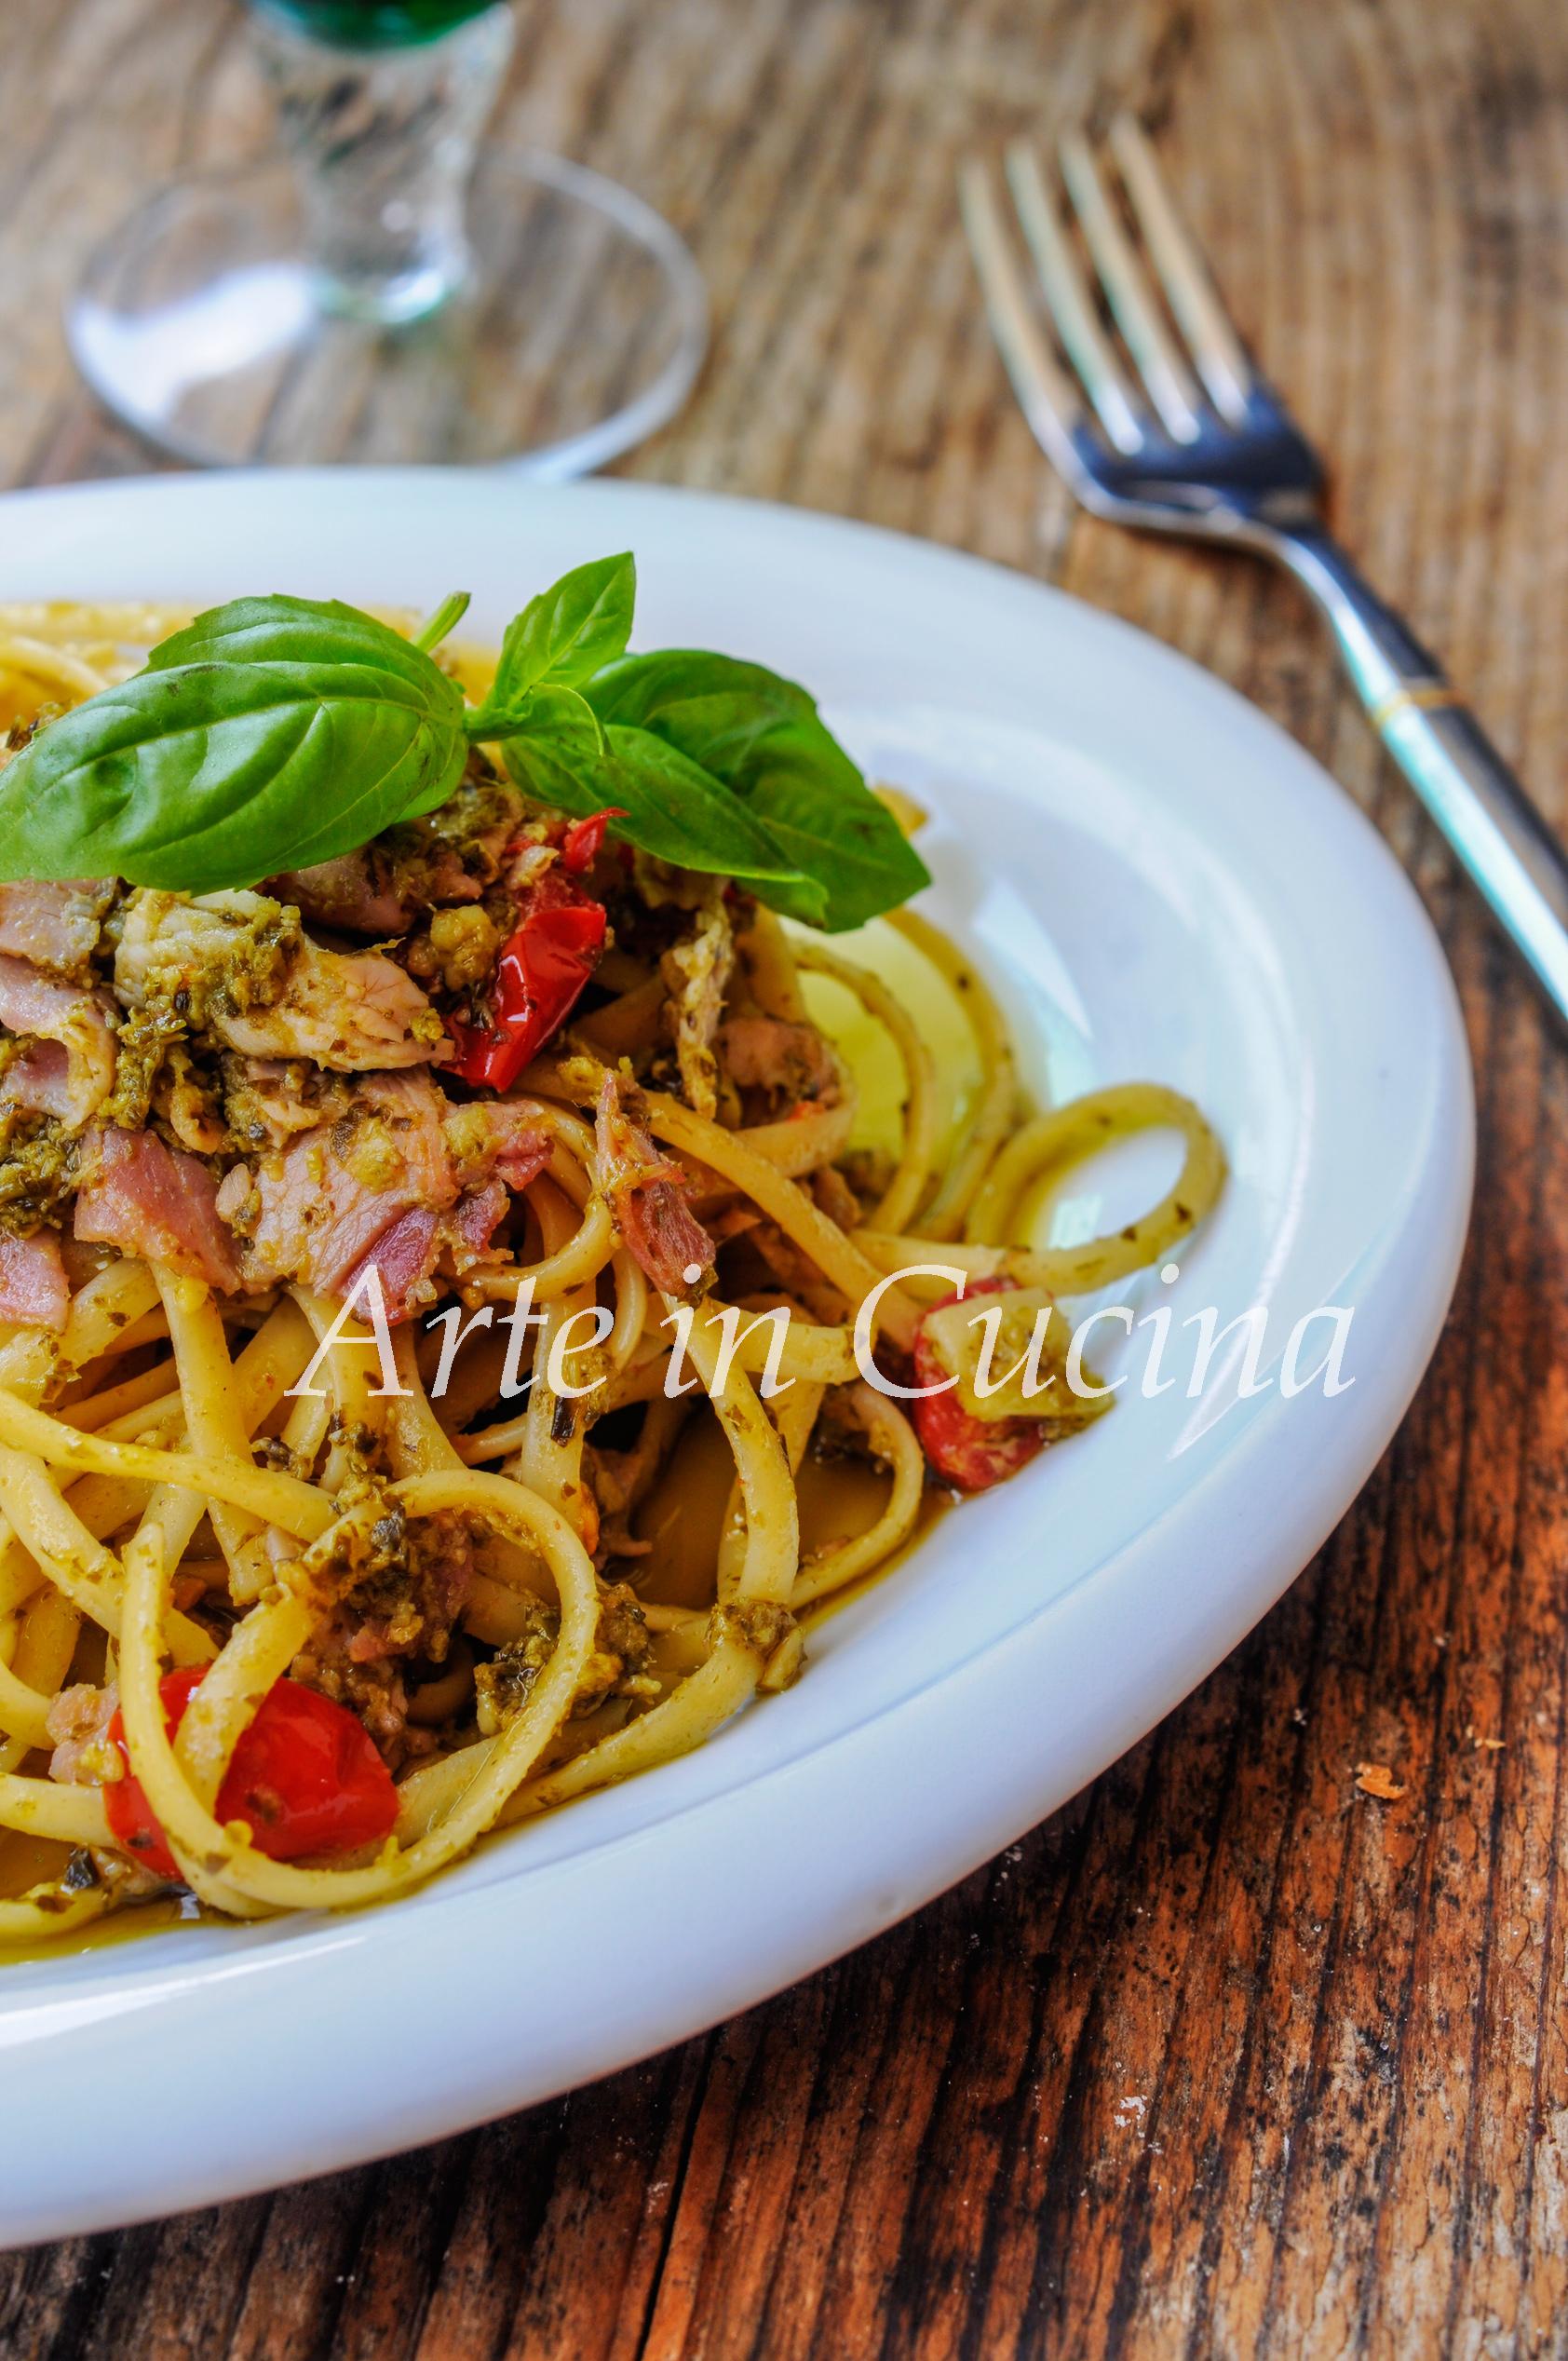 Spaghetti al pesto e prosciutto ricetta veloce vickyart arte in cucina